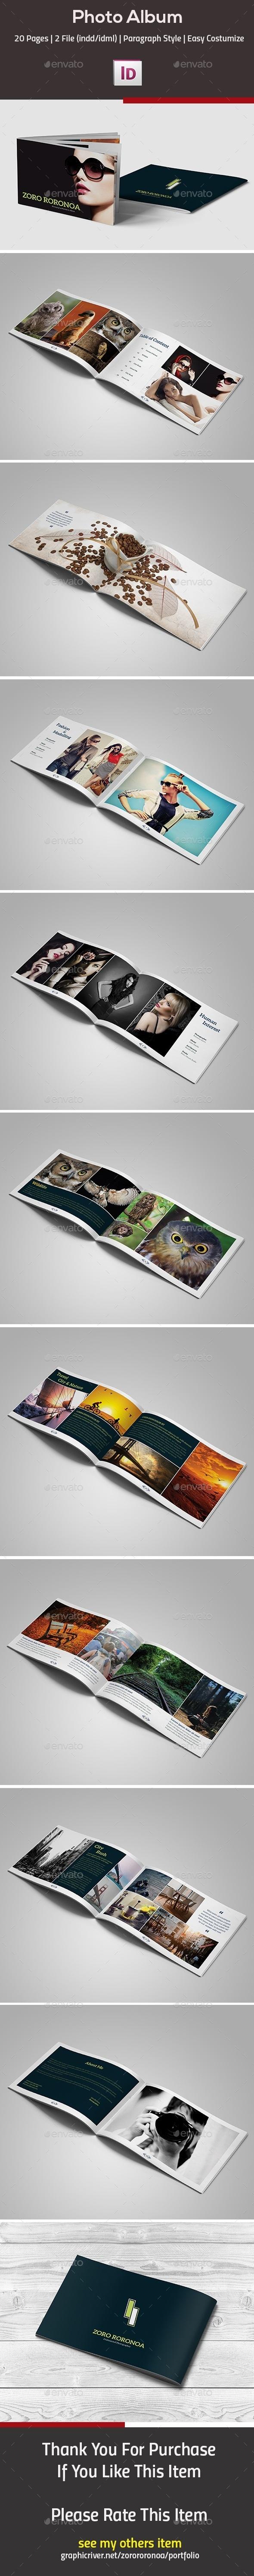 InDesign Photo Album - Photo Albums Print Templates